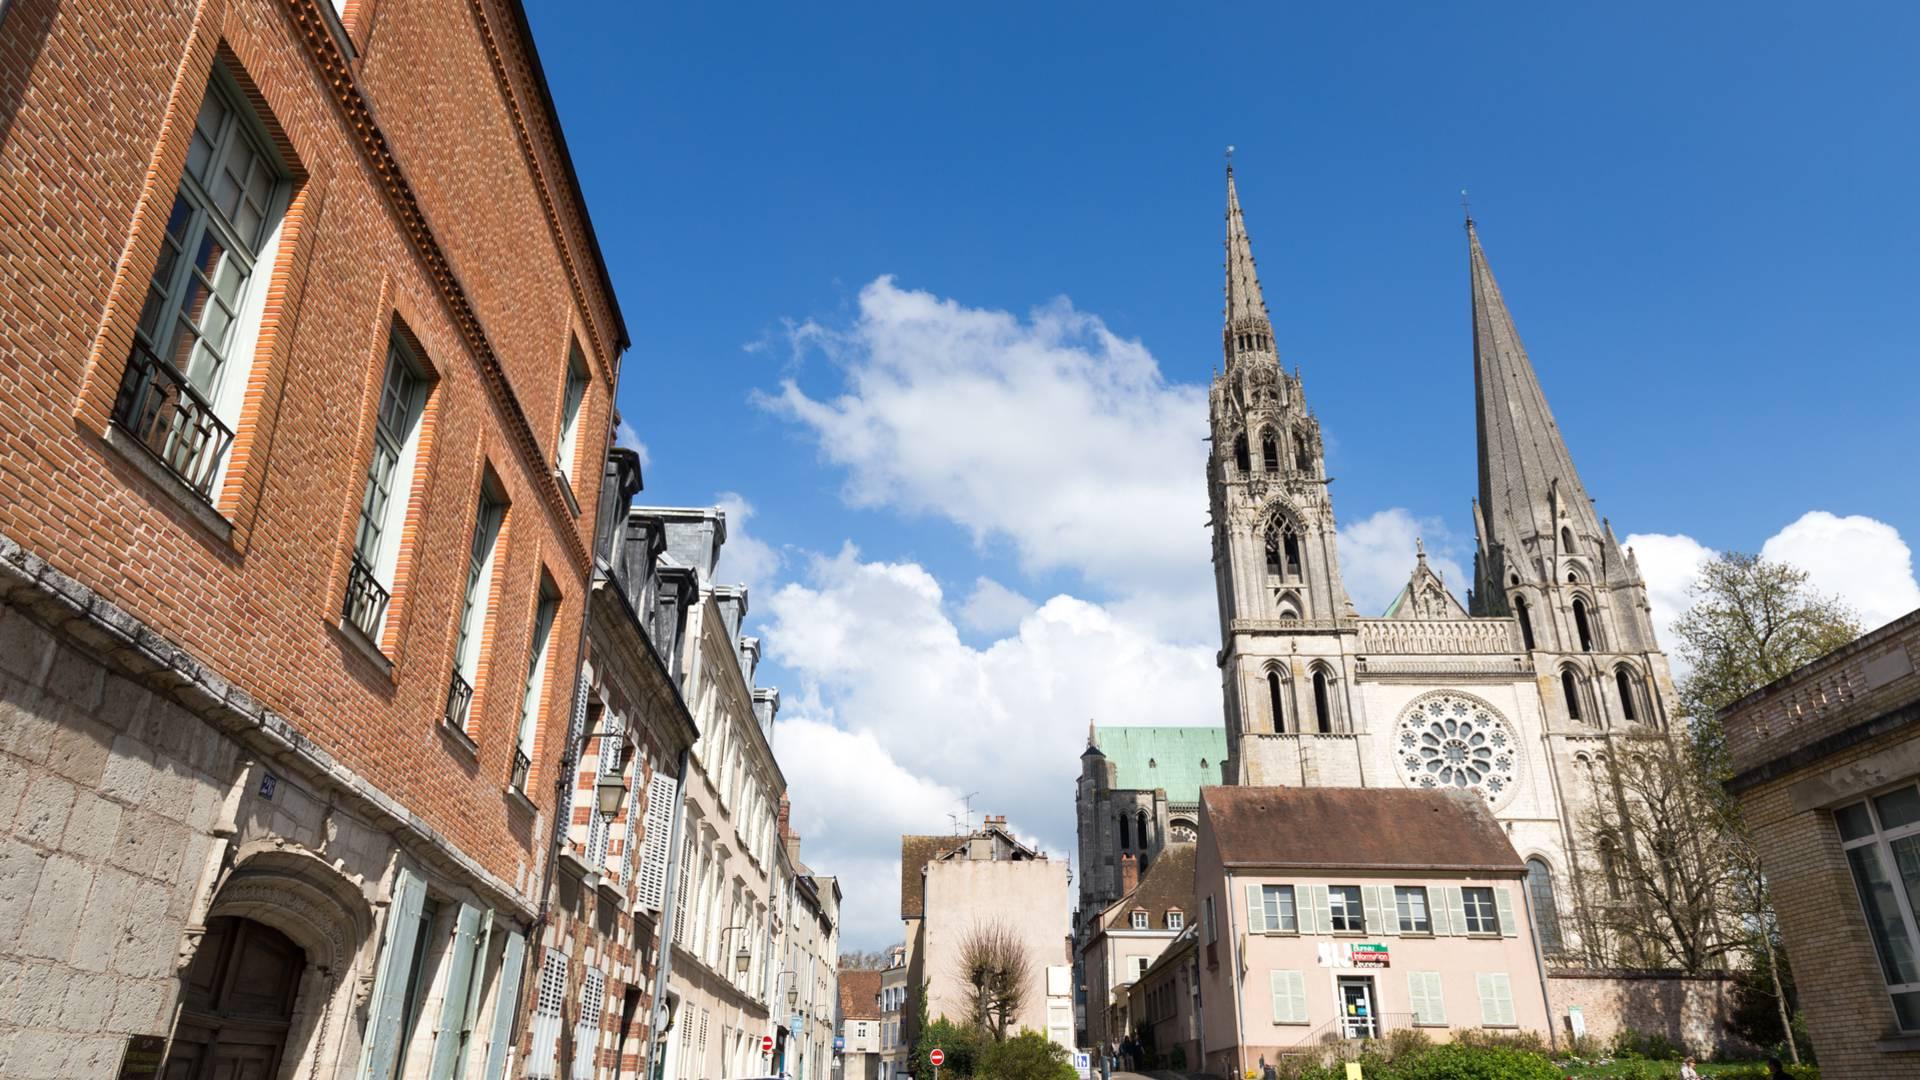 Vue de la cathédrale de Chartres depuis l'Hôtel de Champrond